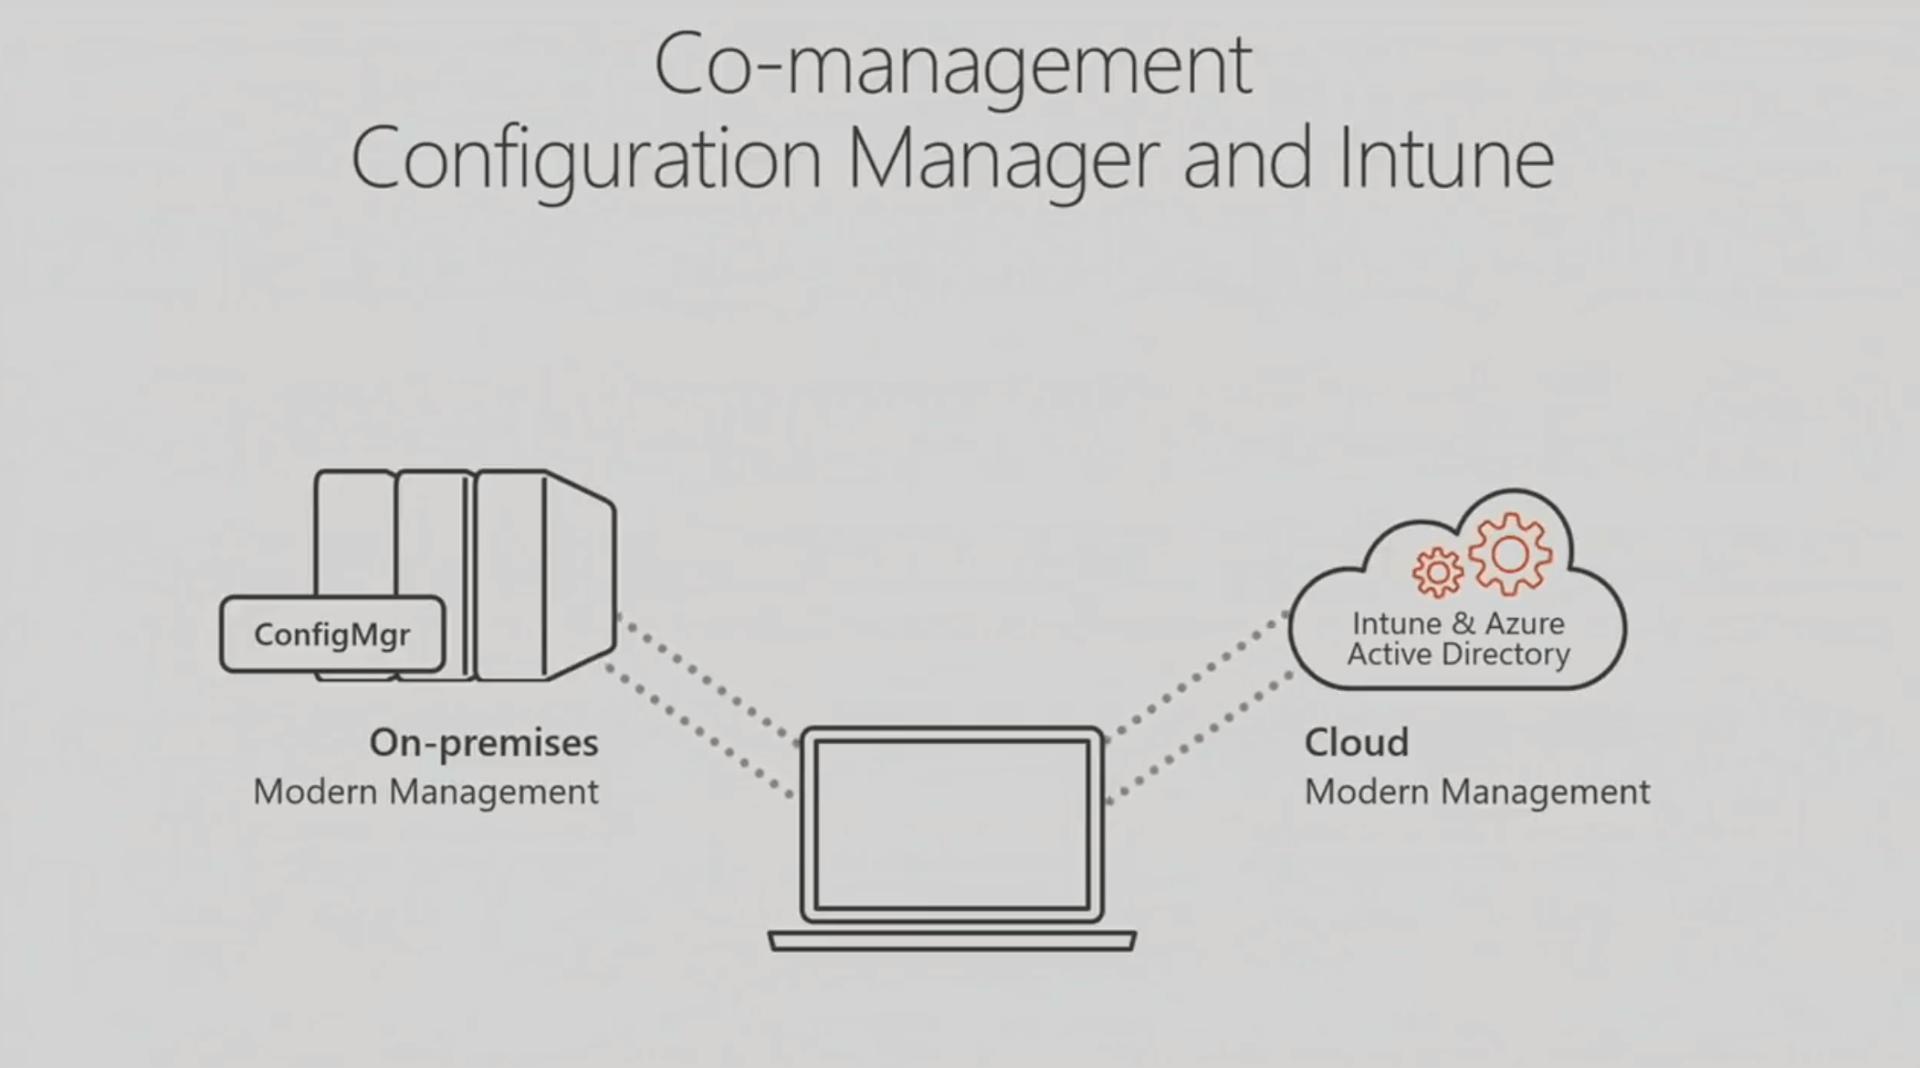 Texte de remplacement généré par une machine: Co-management Configuration Manager and Intune ConfigMgr On-premises Modern Management Intune & Azure Active Directory Cloud Modern Management